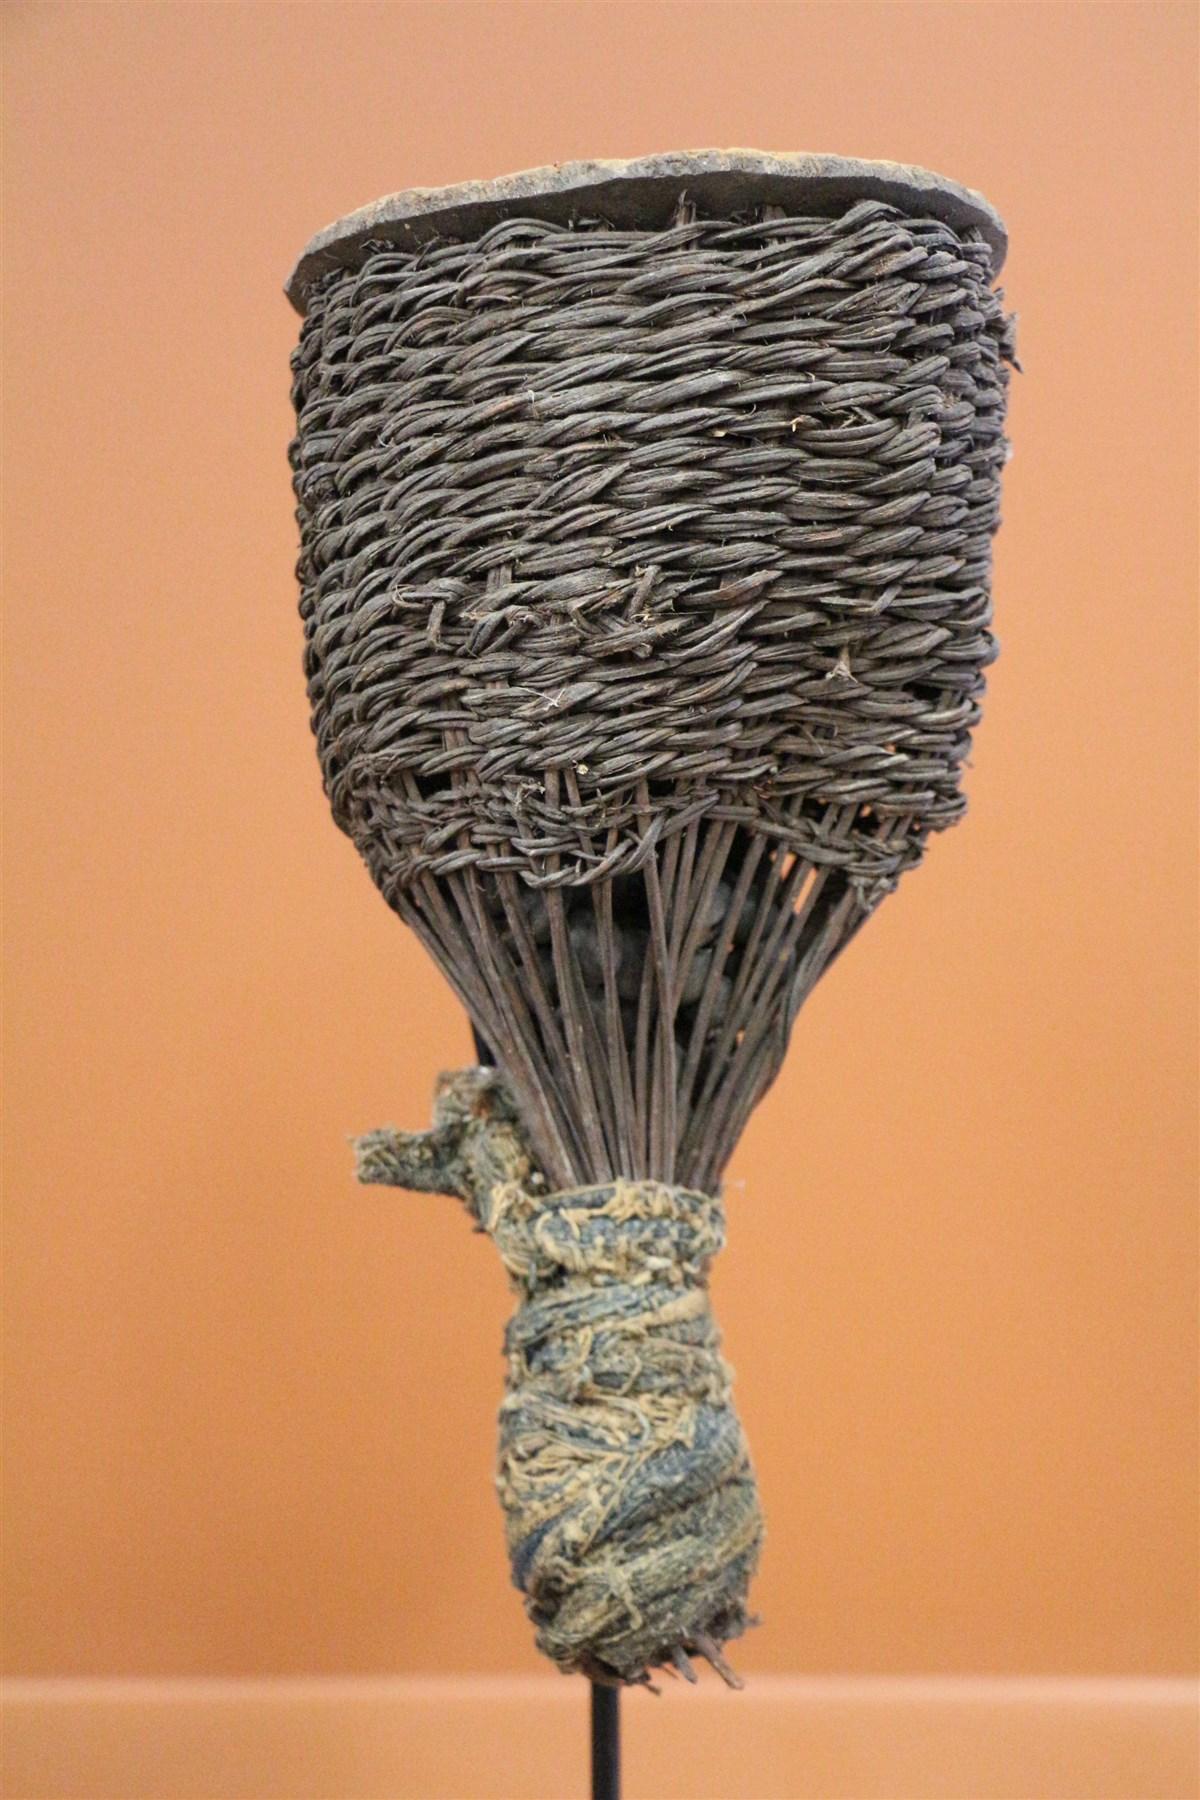 Maracas artisanat africain - Déco africaine - Art africain traditionnel